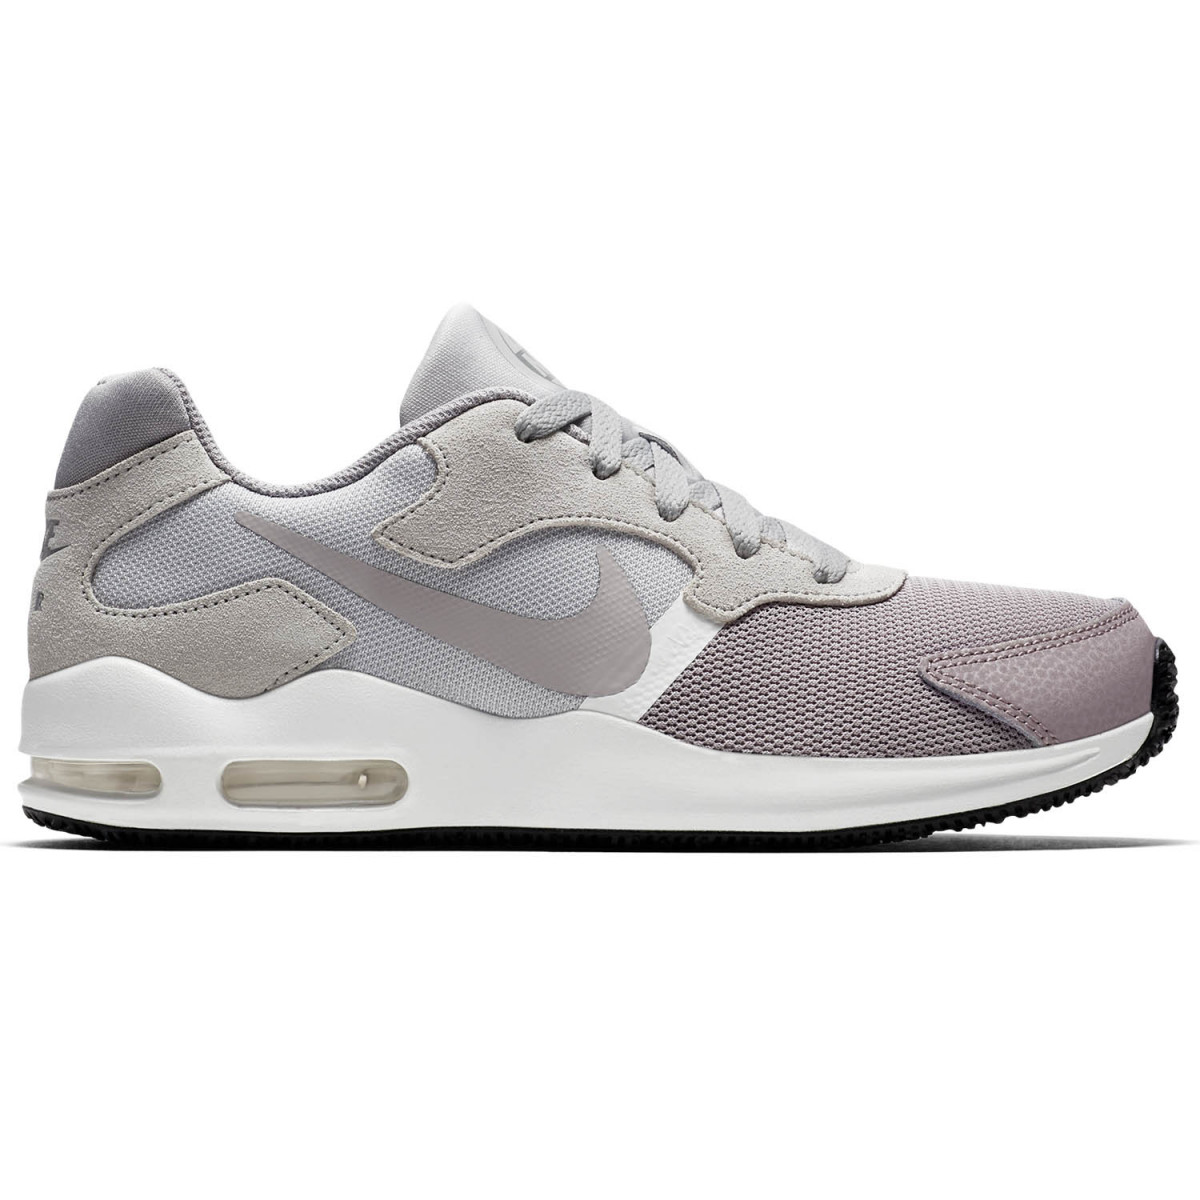 8a63b33b409 Zapatillas Nike Air Max Guile